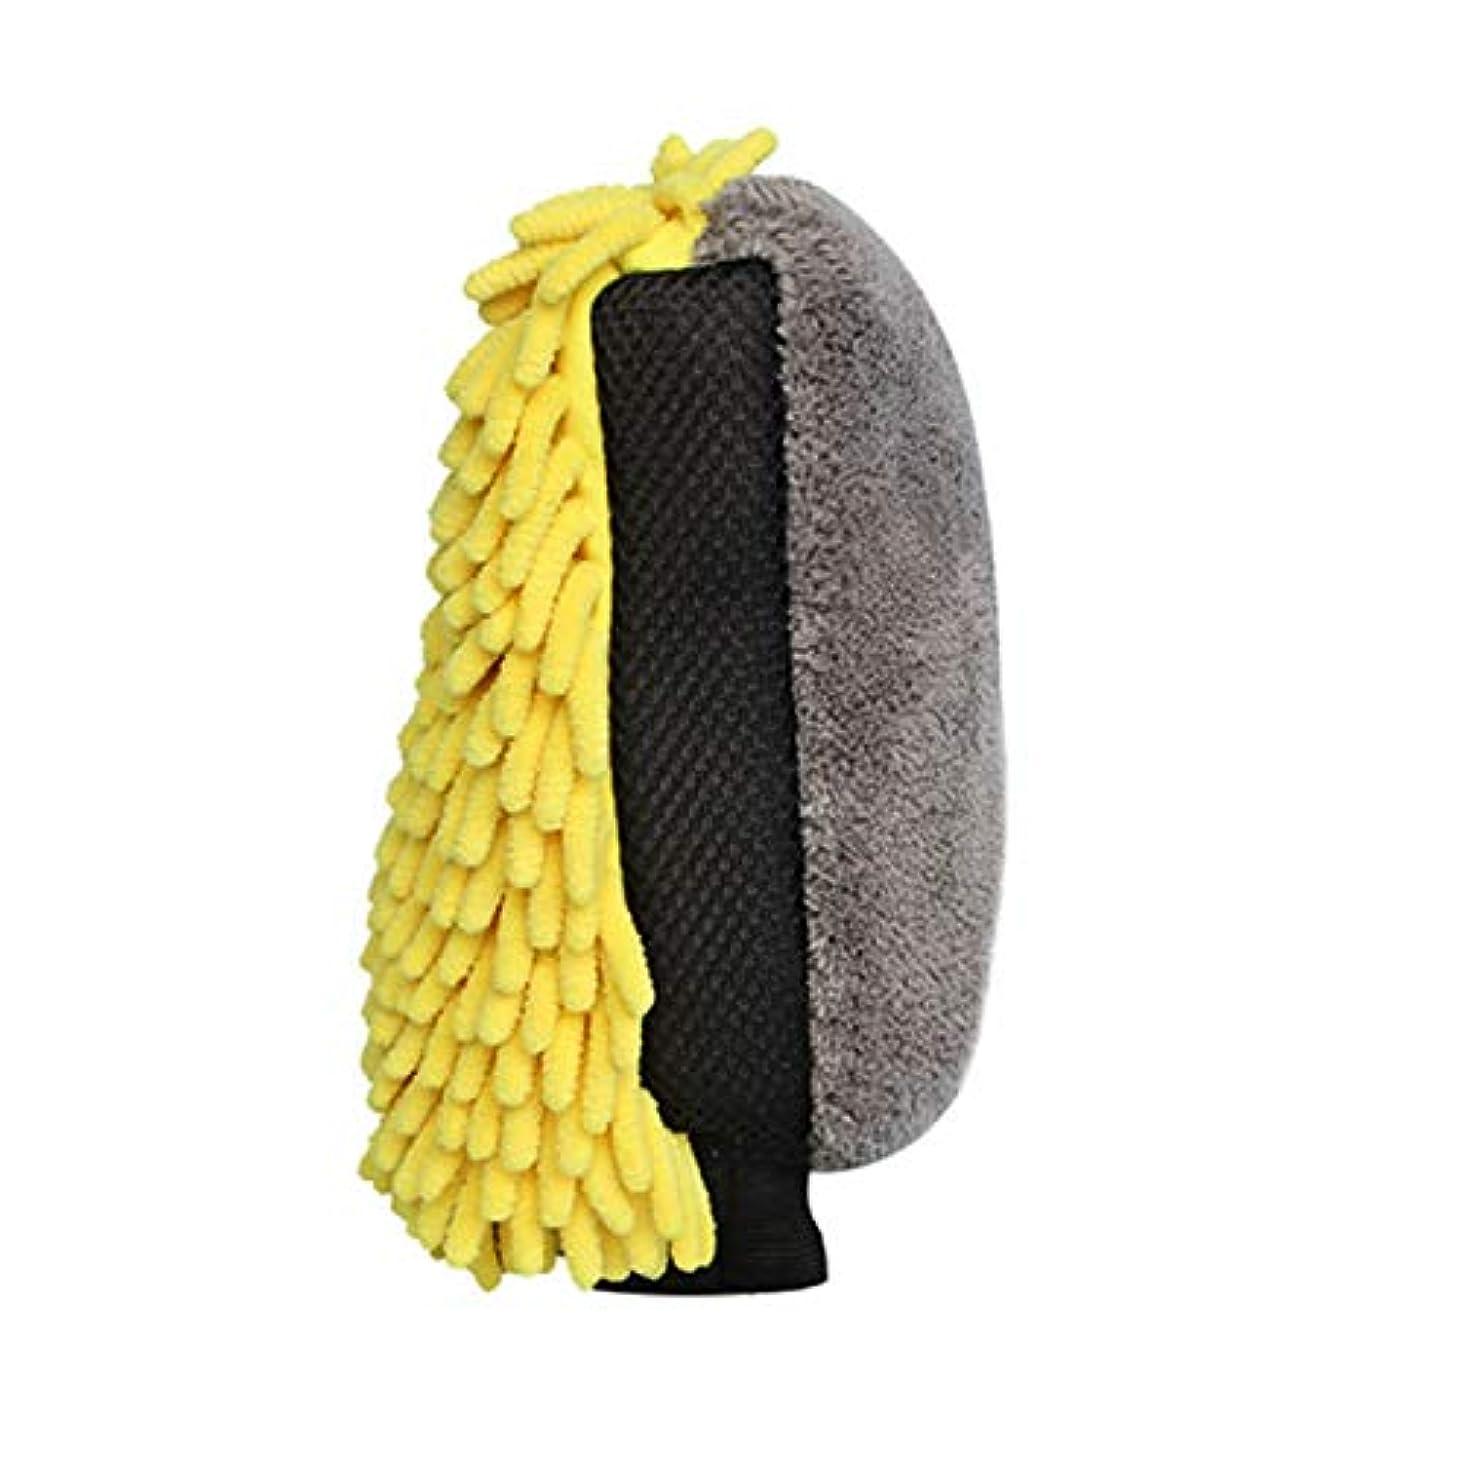 アレンジスプーン政治BTXXYJP 防水 カーウォッシュマイクロ ファイバーシェ ニール ディテールブラシ グローブ 多機能 (Color : Yellow, Size : M-Five pairs)